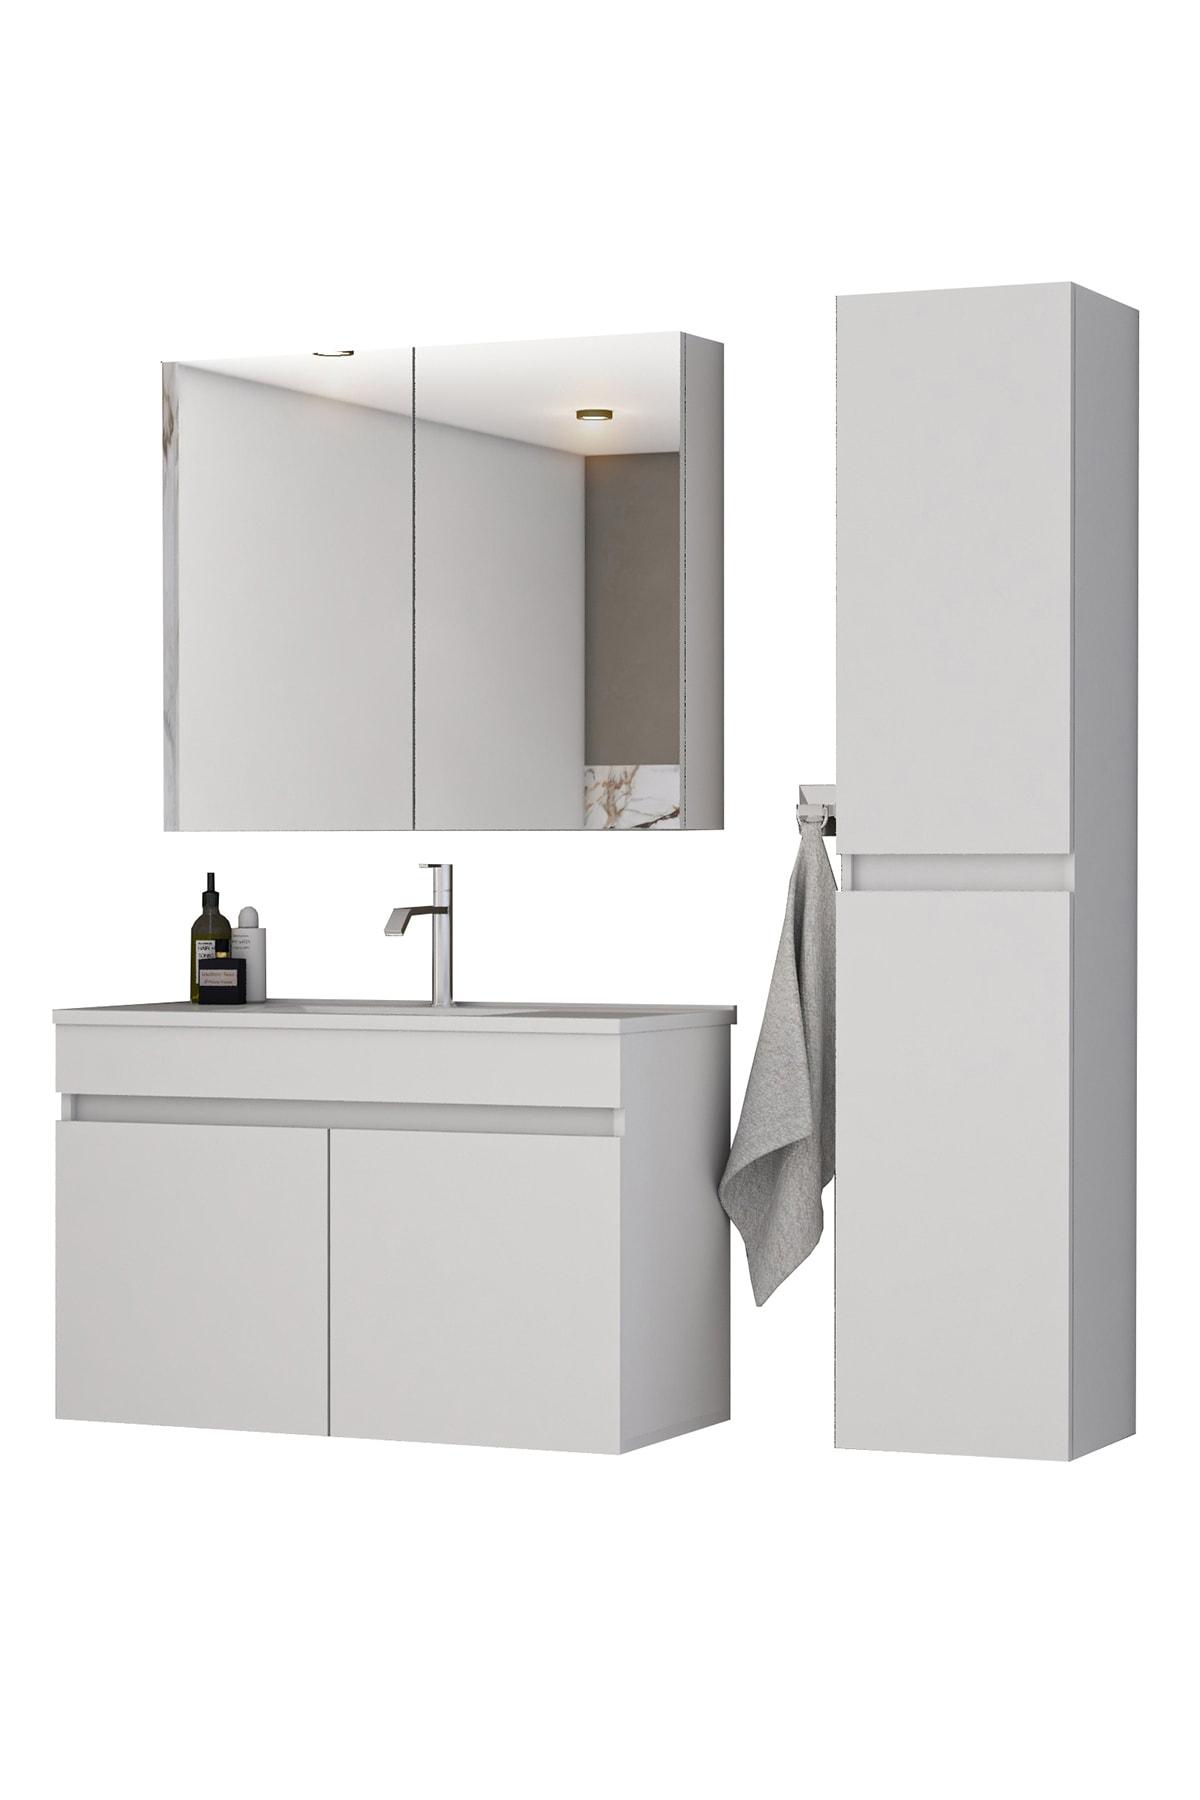 Tm3 Ayaksız 2 Kapaklı Lavabolu Beyaz Mdf 85 Cm Banyo Dolabı Aynalı Üst Dolap Boy Dolabı